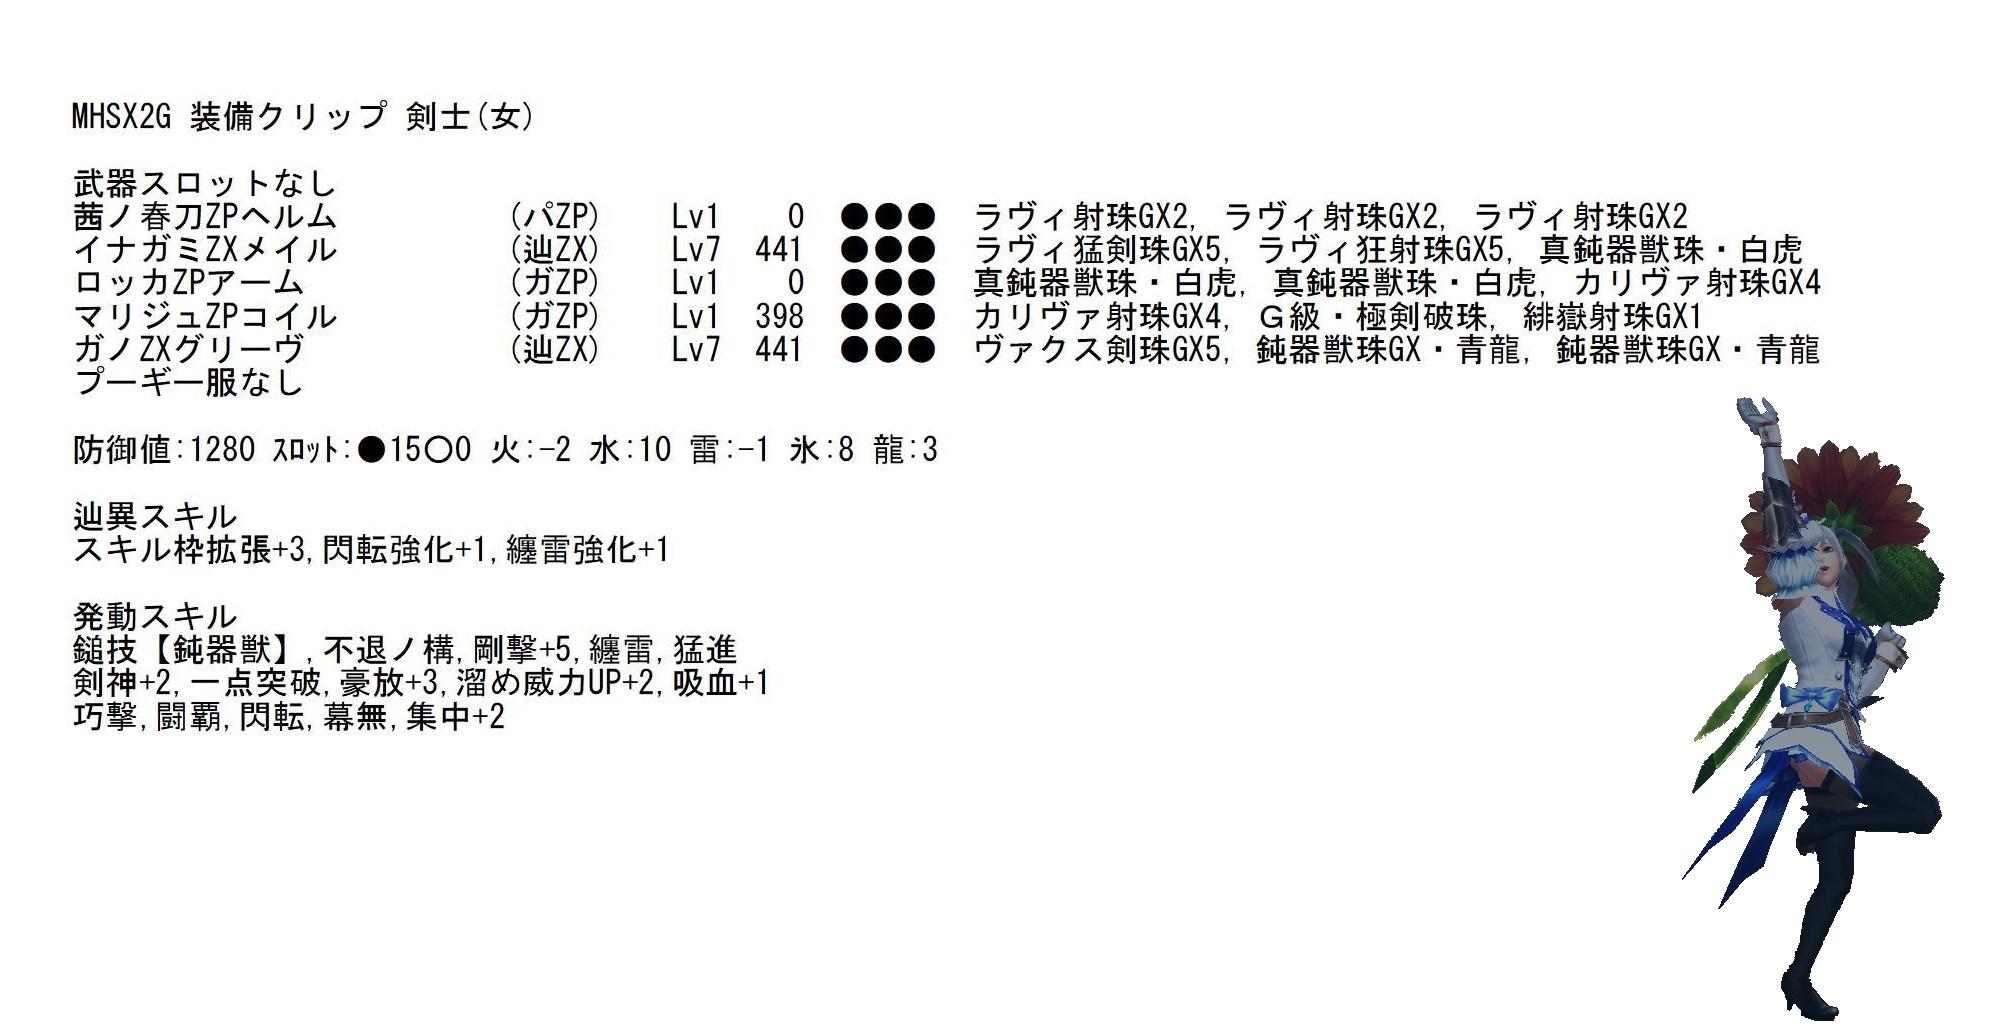 メモ帳-39